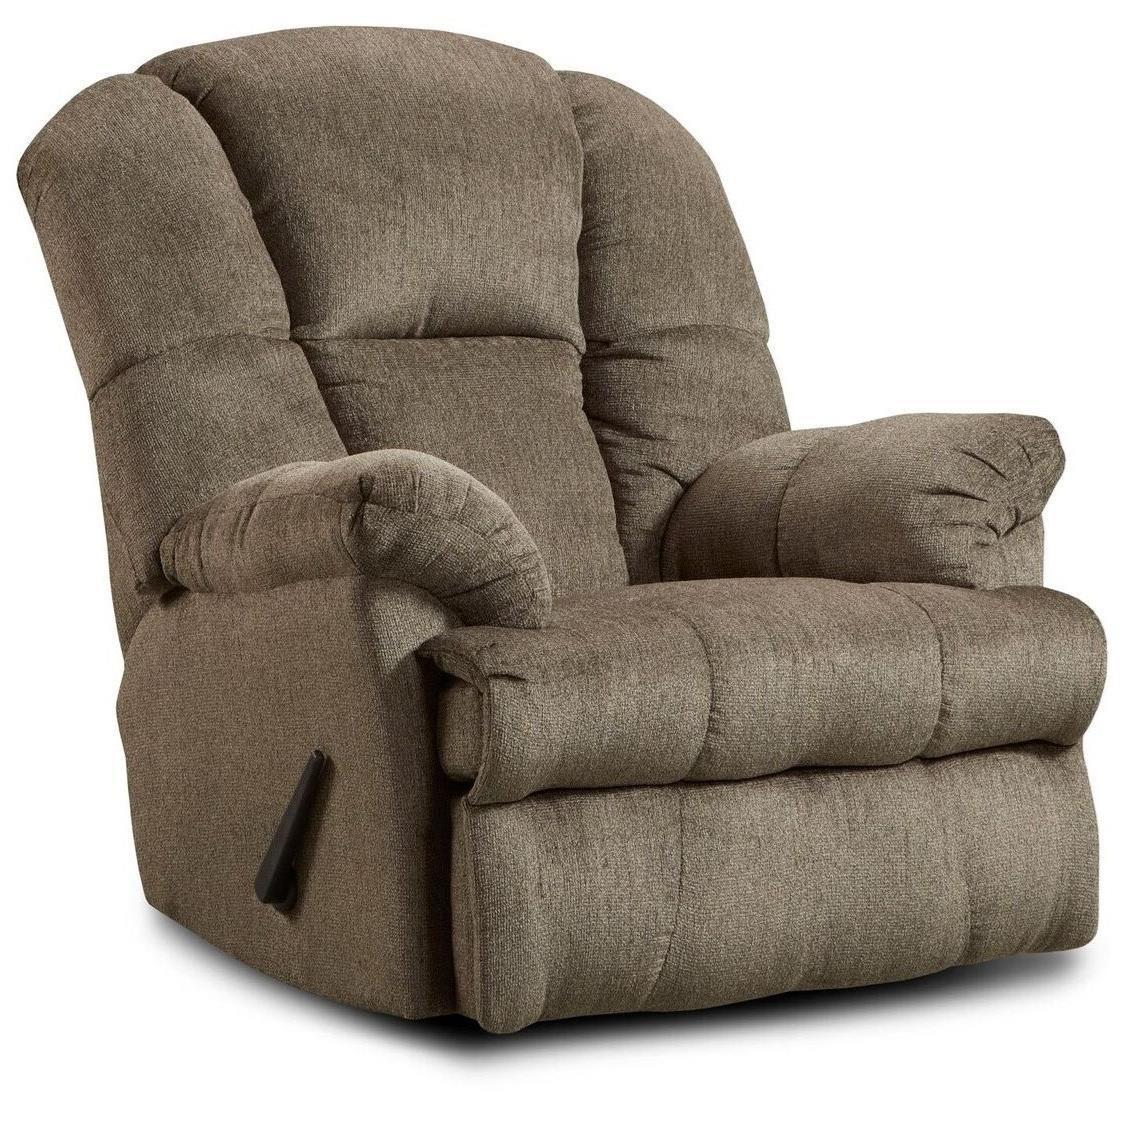 Washington Furniture Ernie Recliner - Item Number: 9745-Hillel Pewter